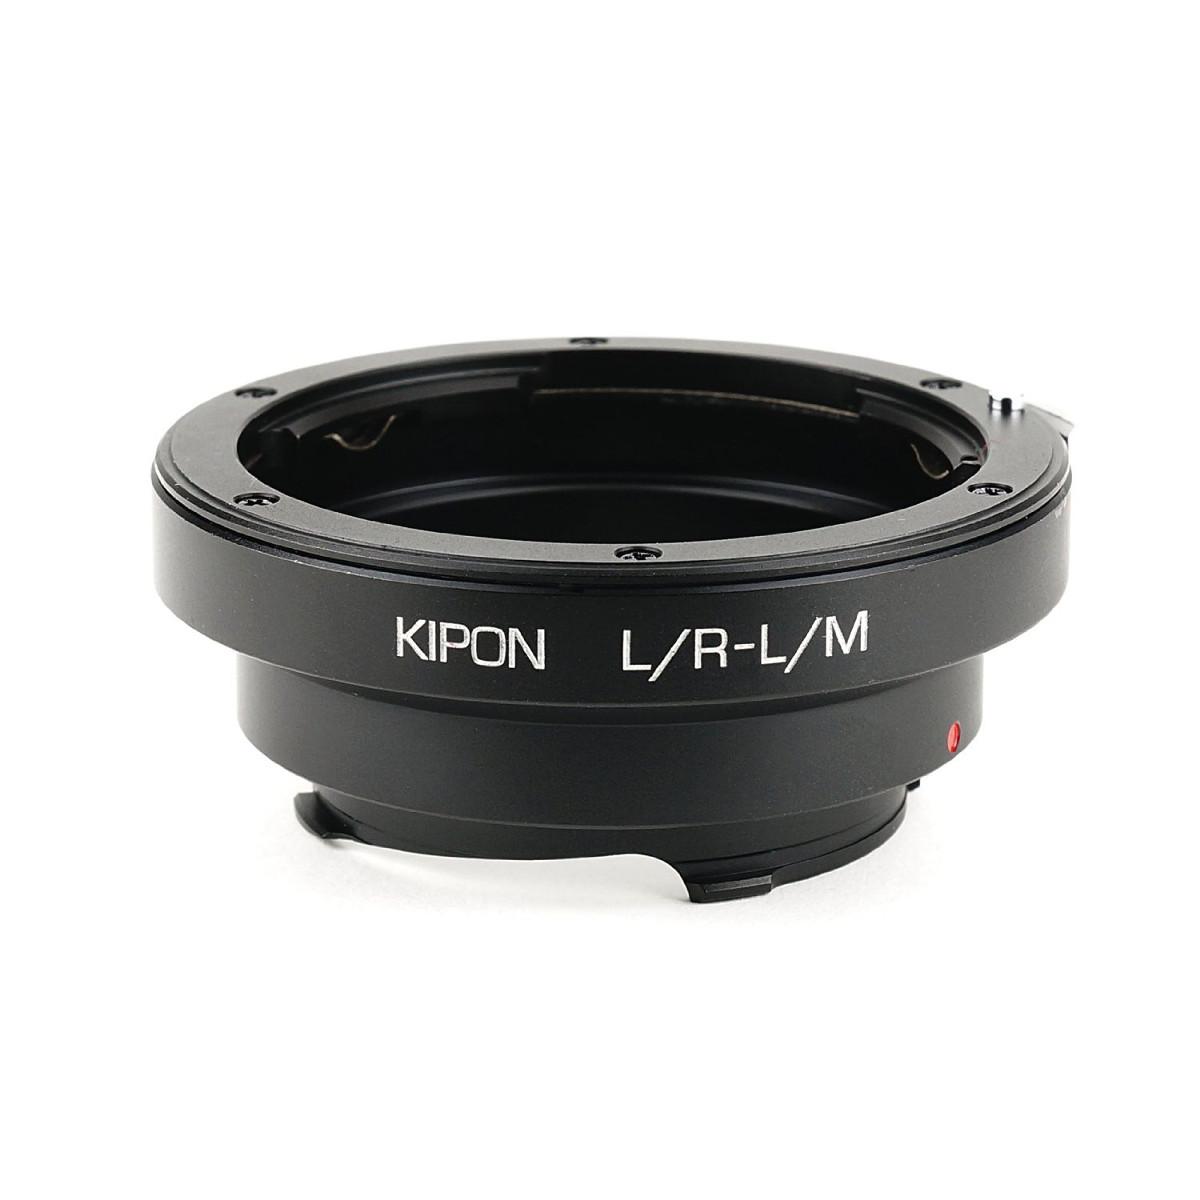 マウントアダプター KIPON LR-M ライカRマウントレンズ - ライカMマウントカメラ Leica M Typ240対応